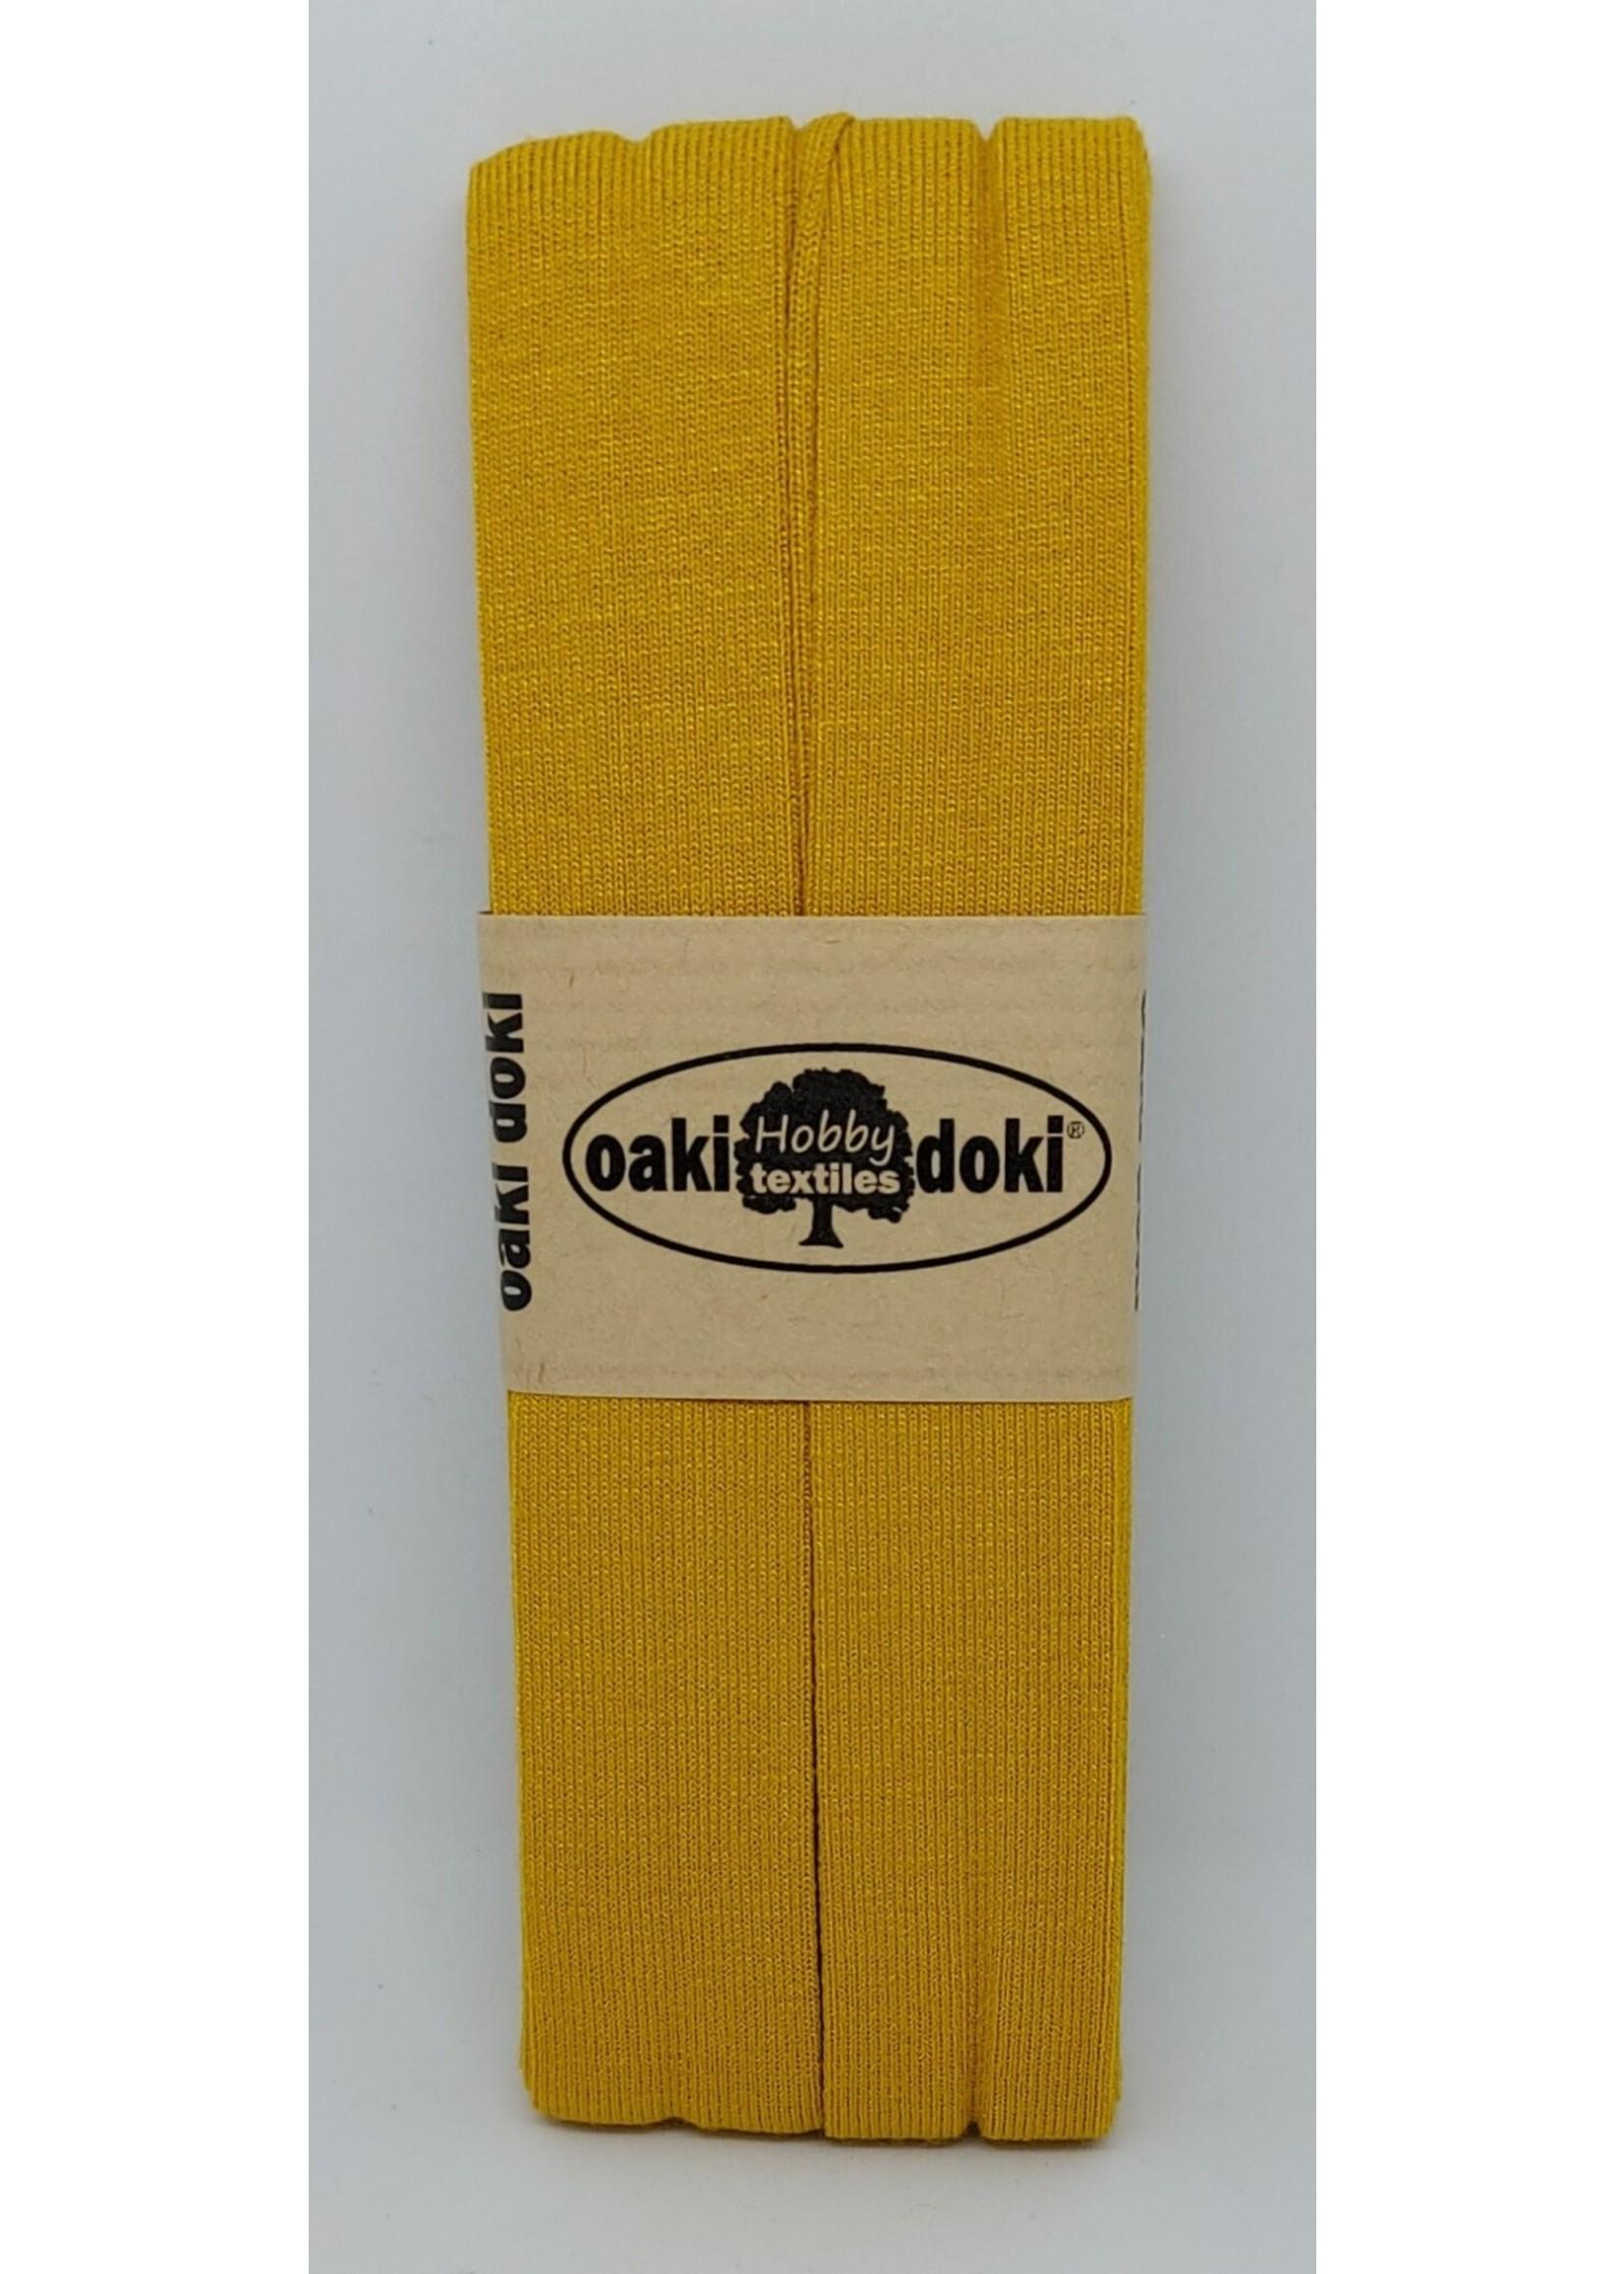 Oaki Doki Tricot de luxe 950